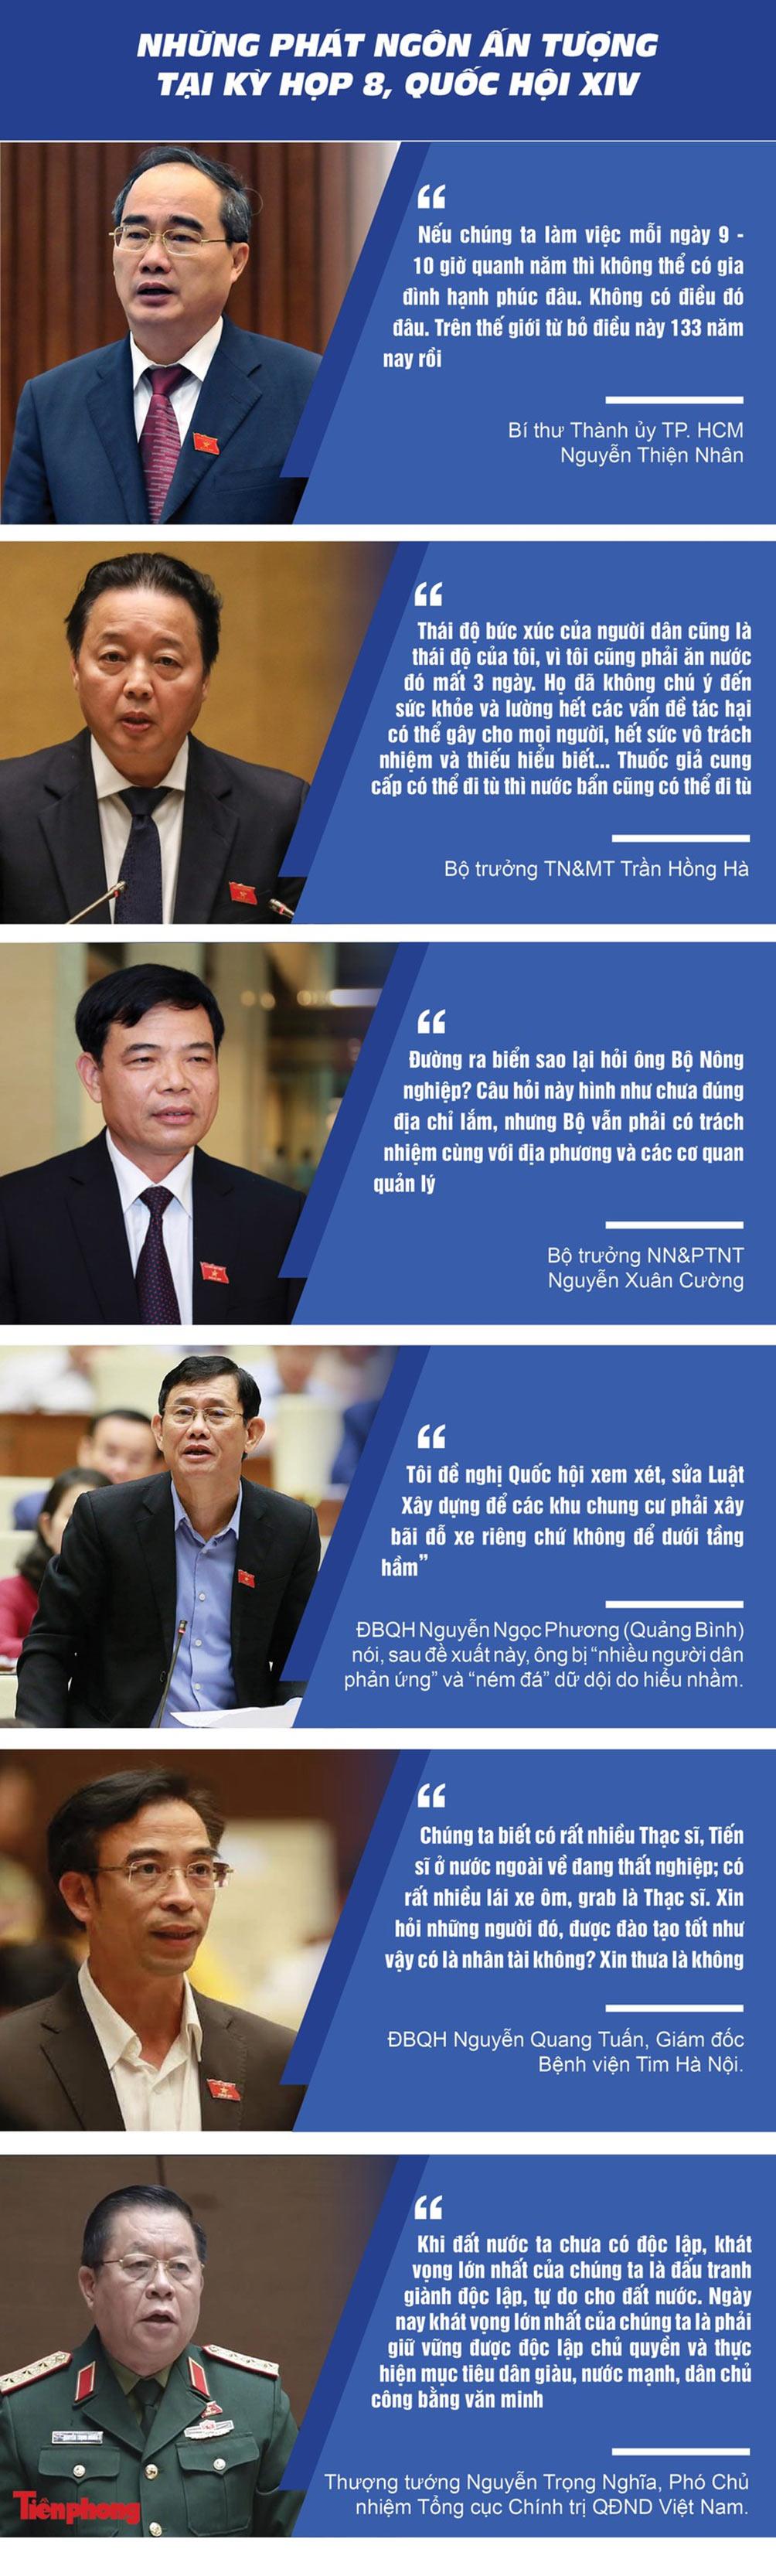 Những phát ngôn ấn tượng ở nghị trường Quốc hội - 1